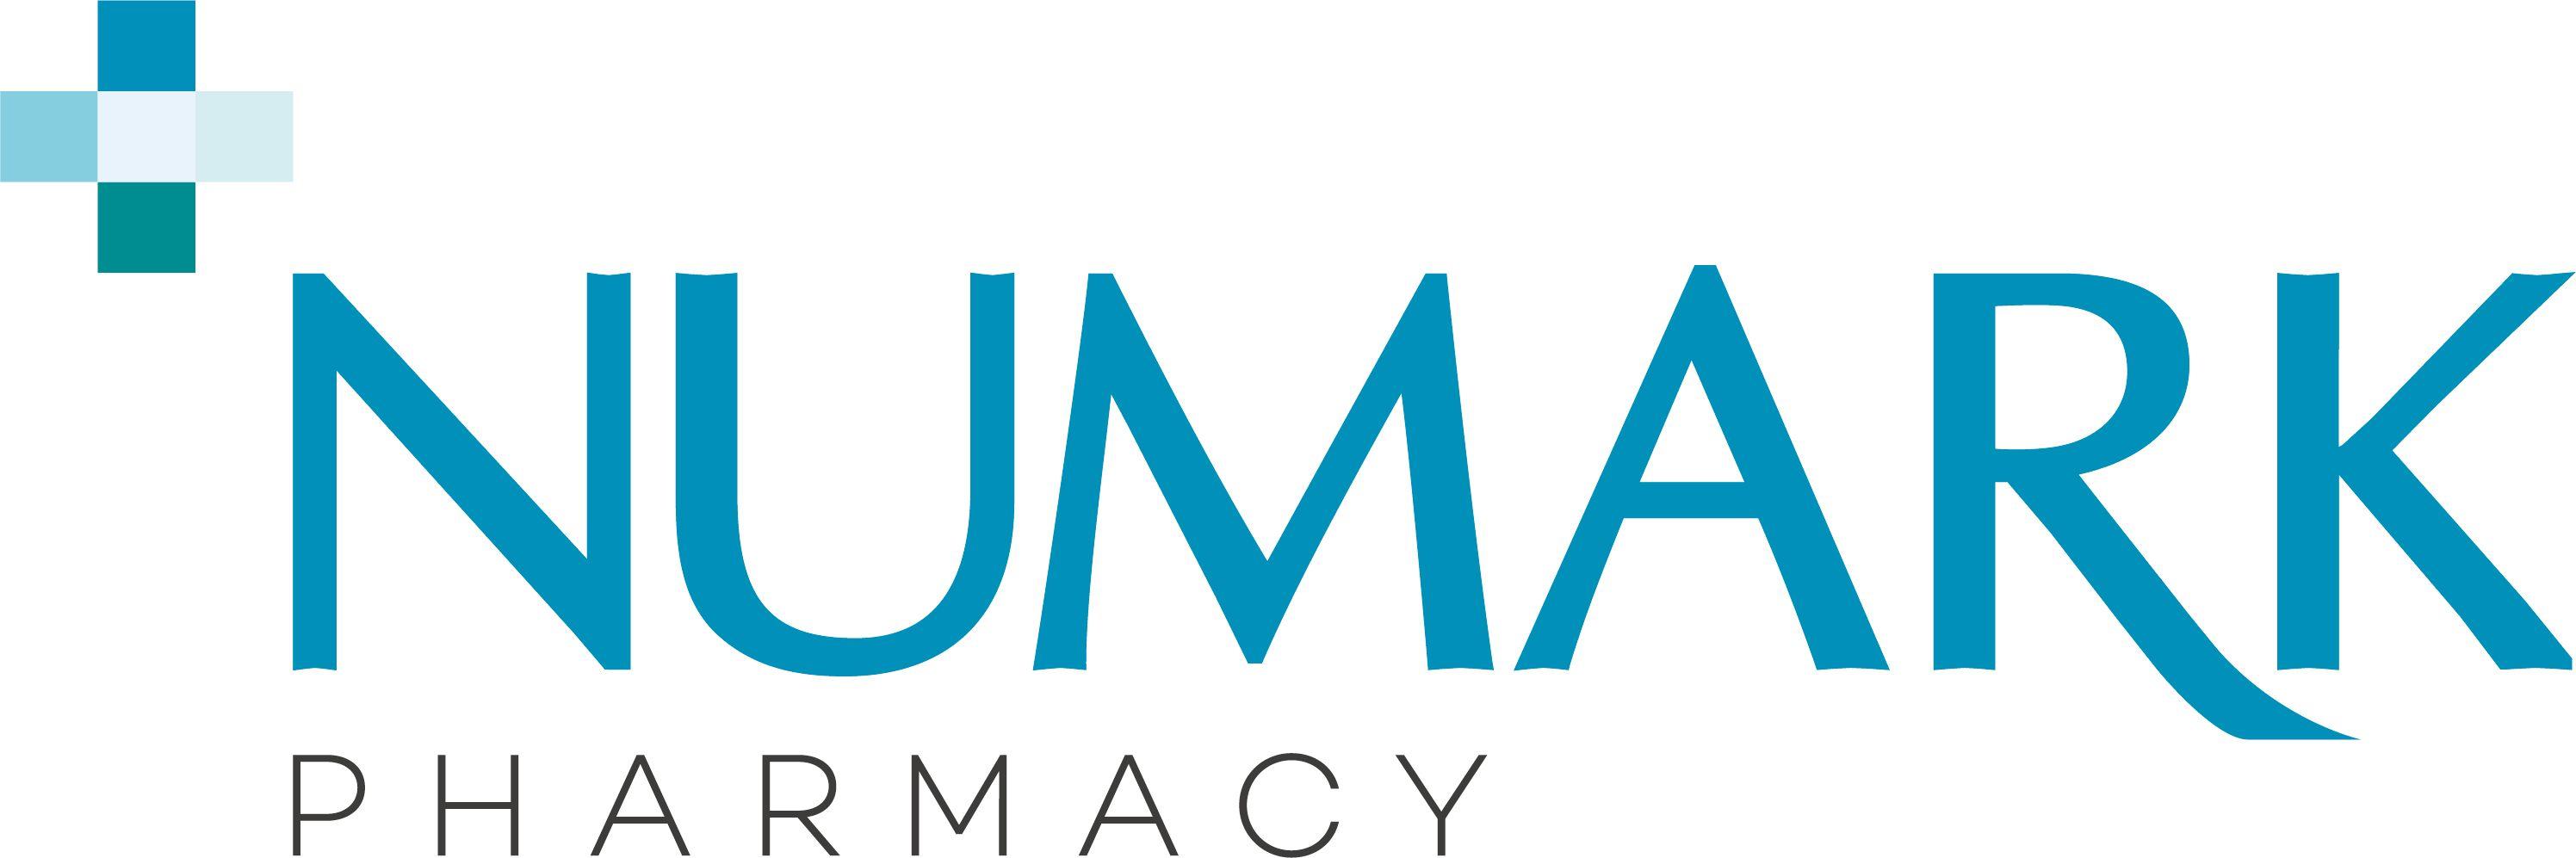 Numark Ltd